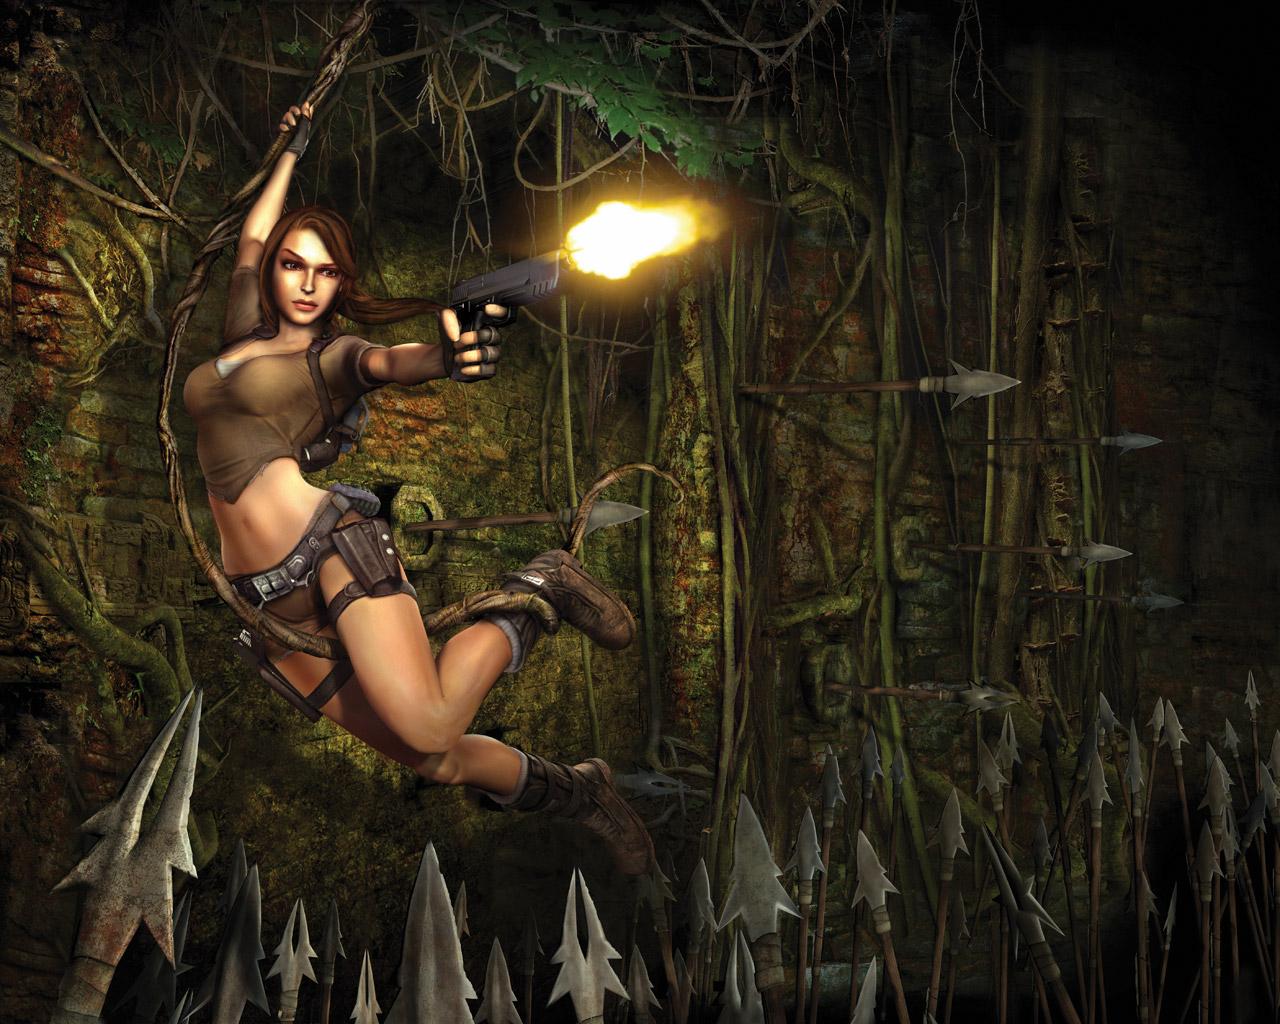 Free Tomb Raider: Legend Wallpaper in 1280x1024